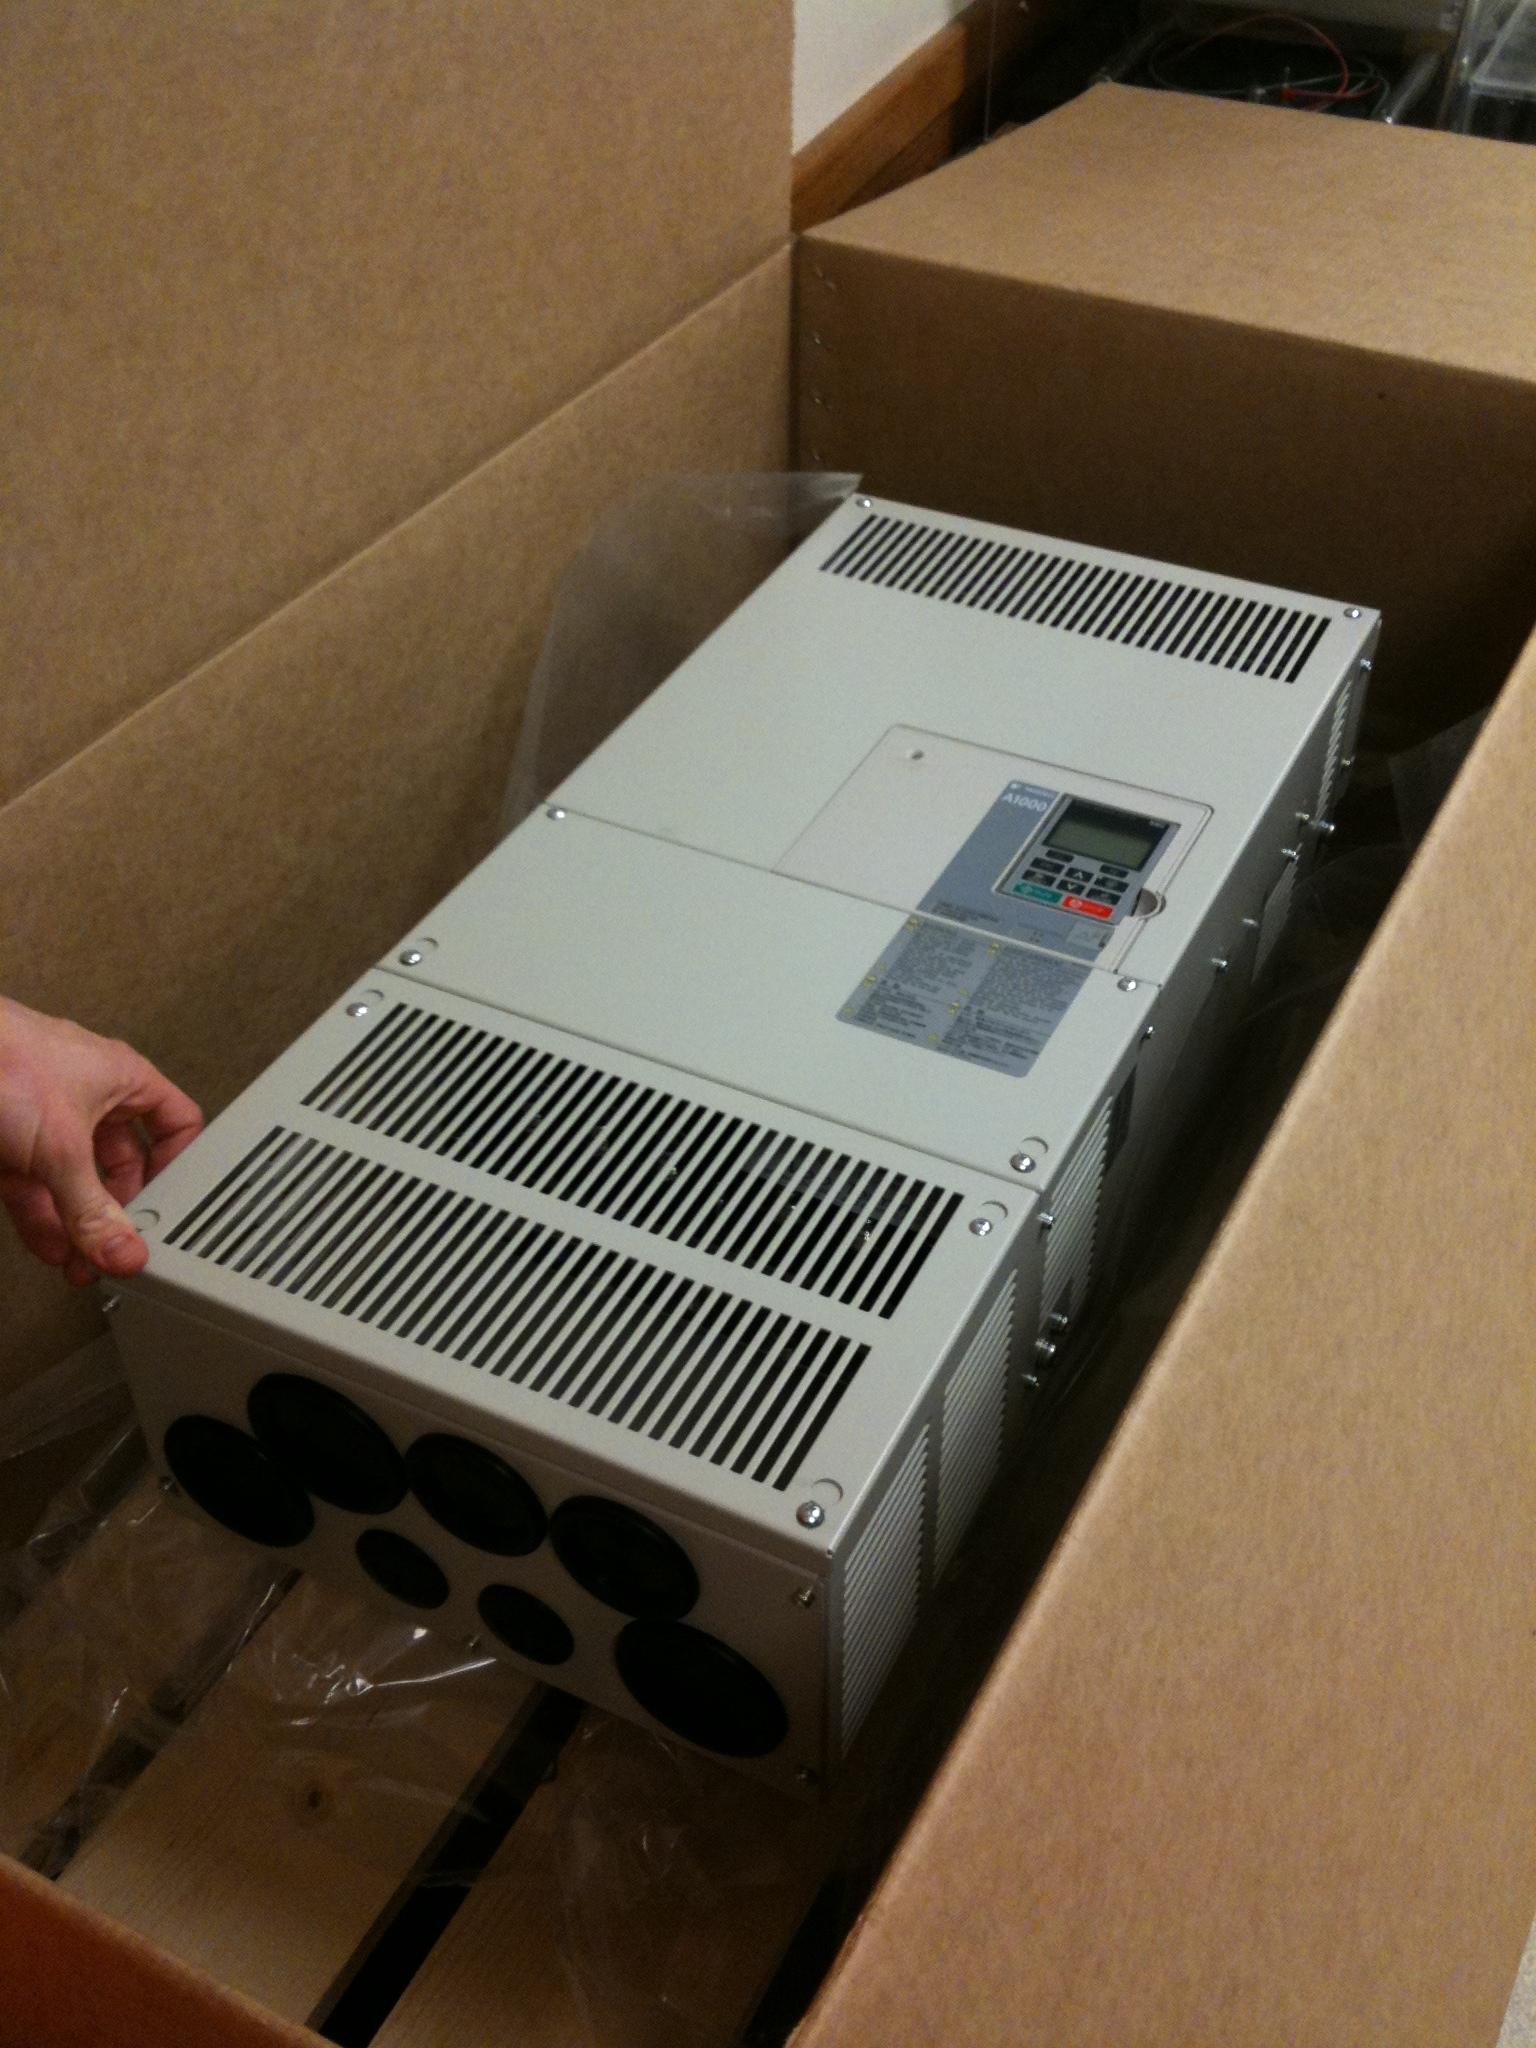 Yaskawa A1000 motor drive in the box